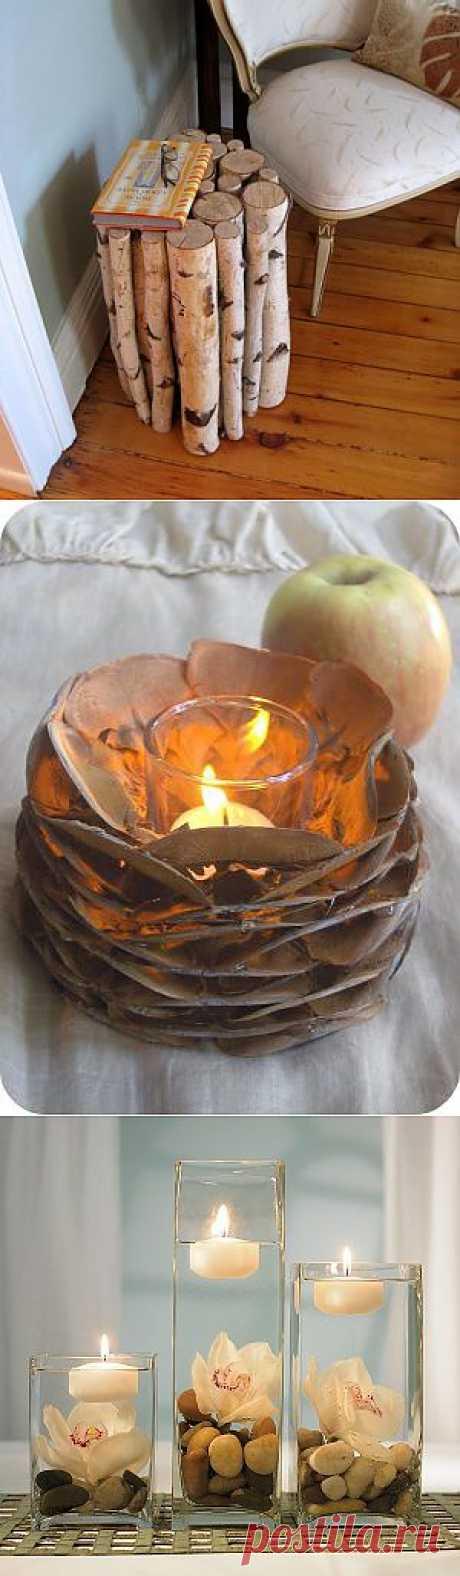 Супер-идеи по декору интерьера из природного материала